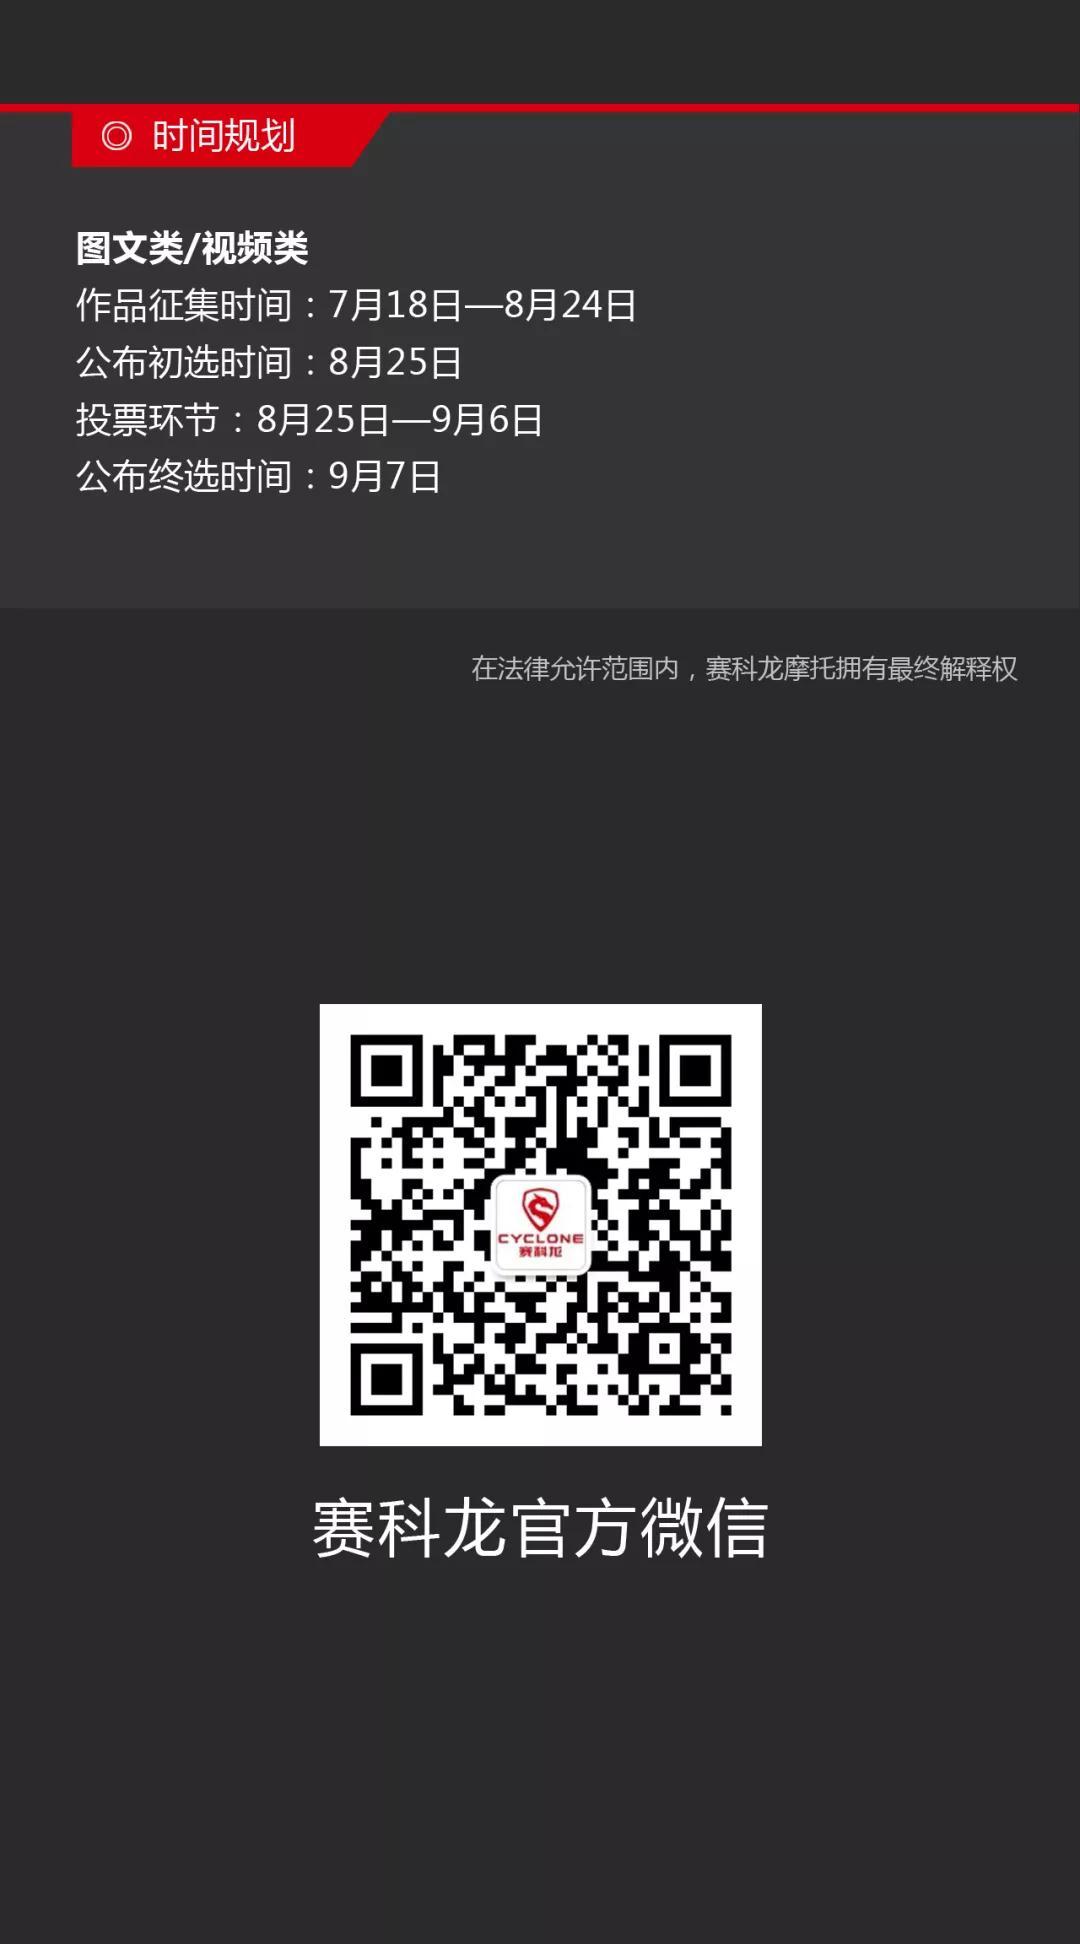 微信图片_20200825143509.jpg